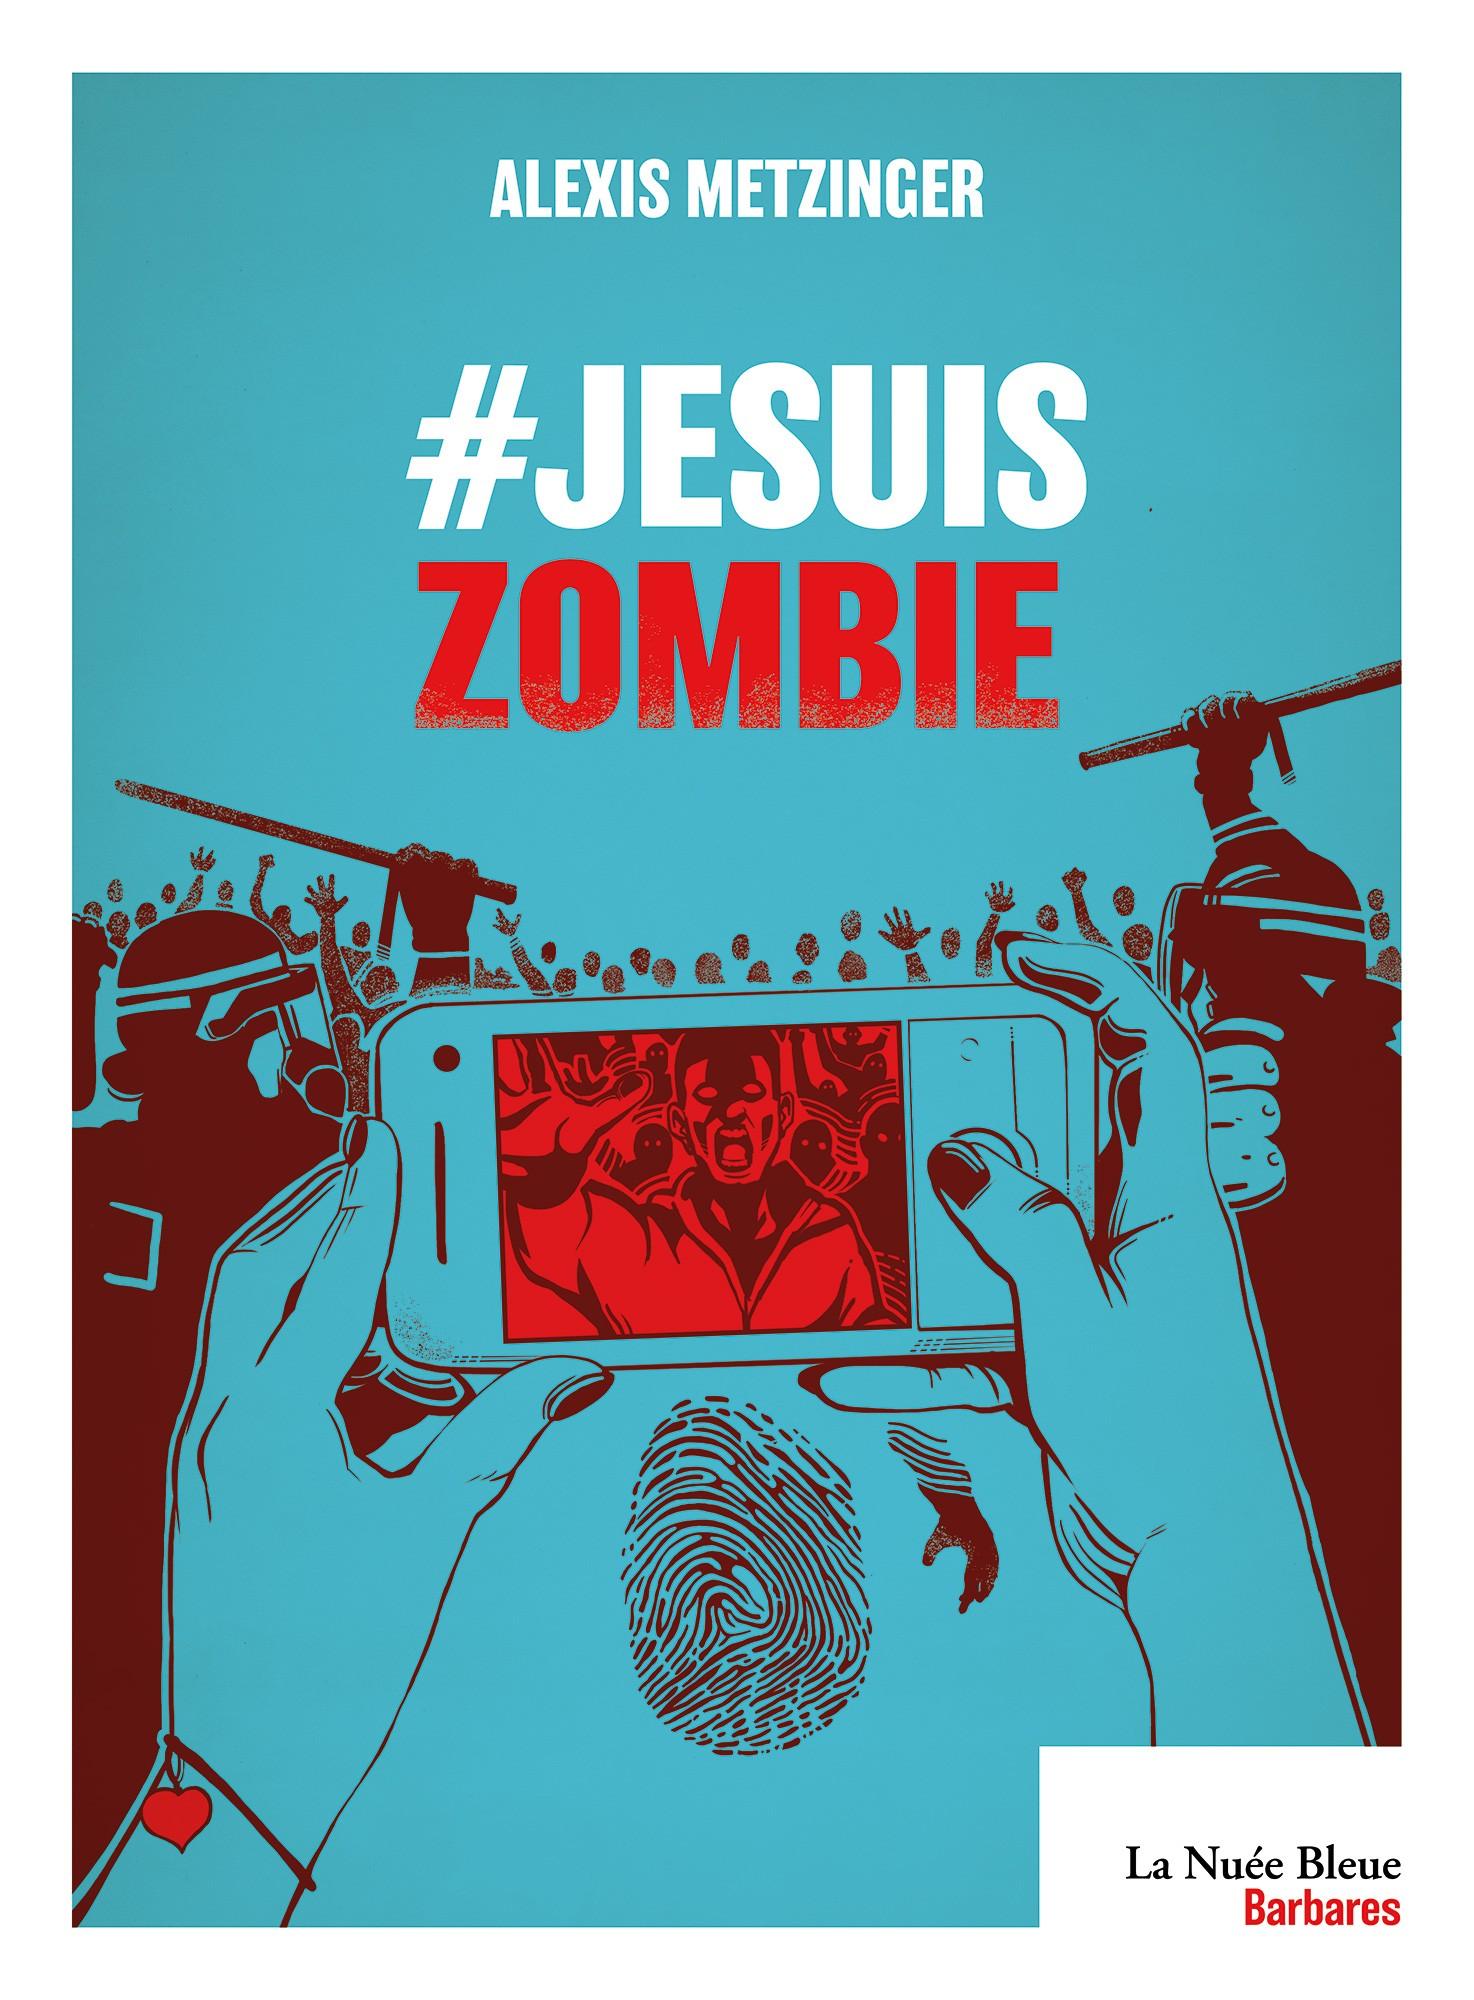 #JeSuisZombie